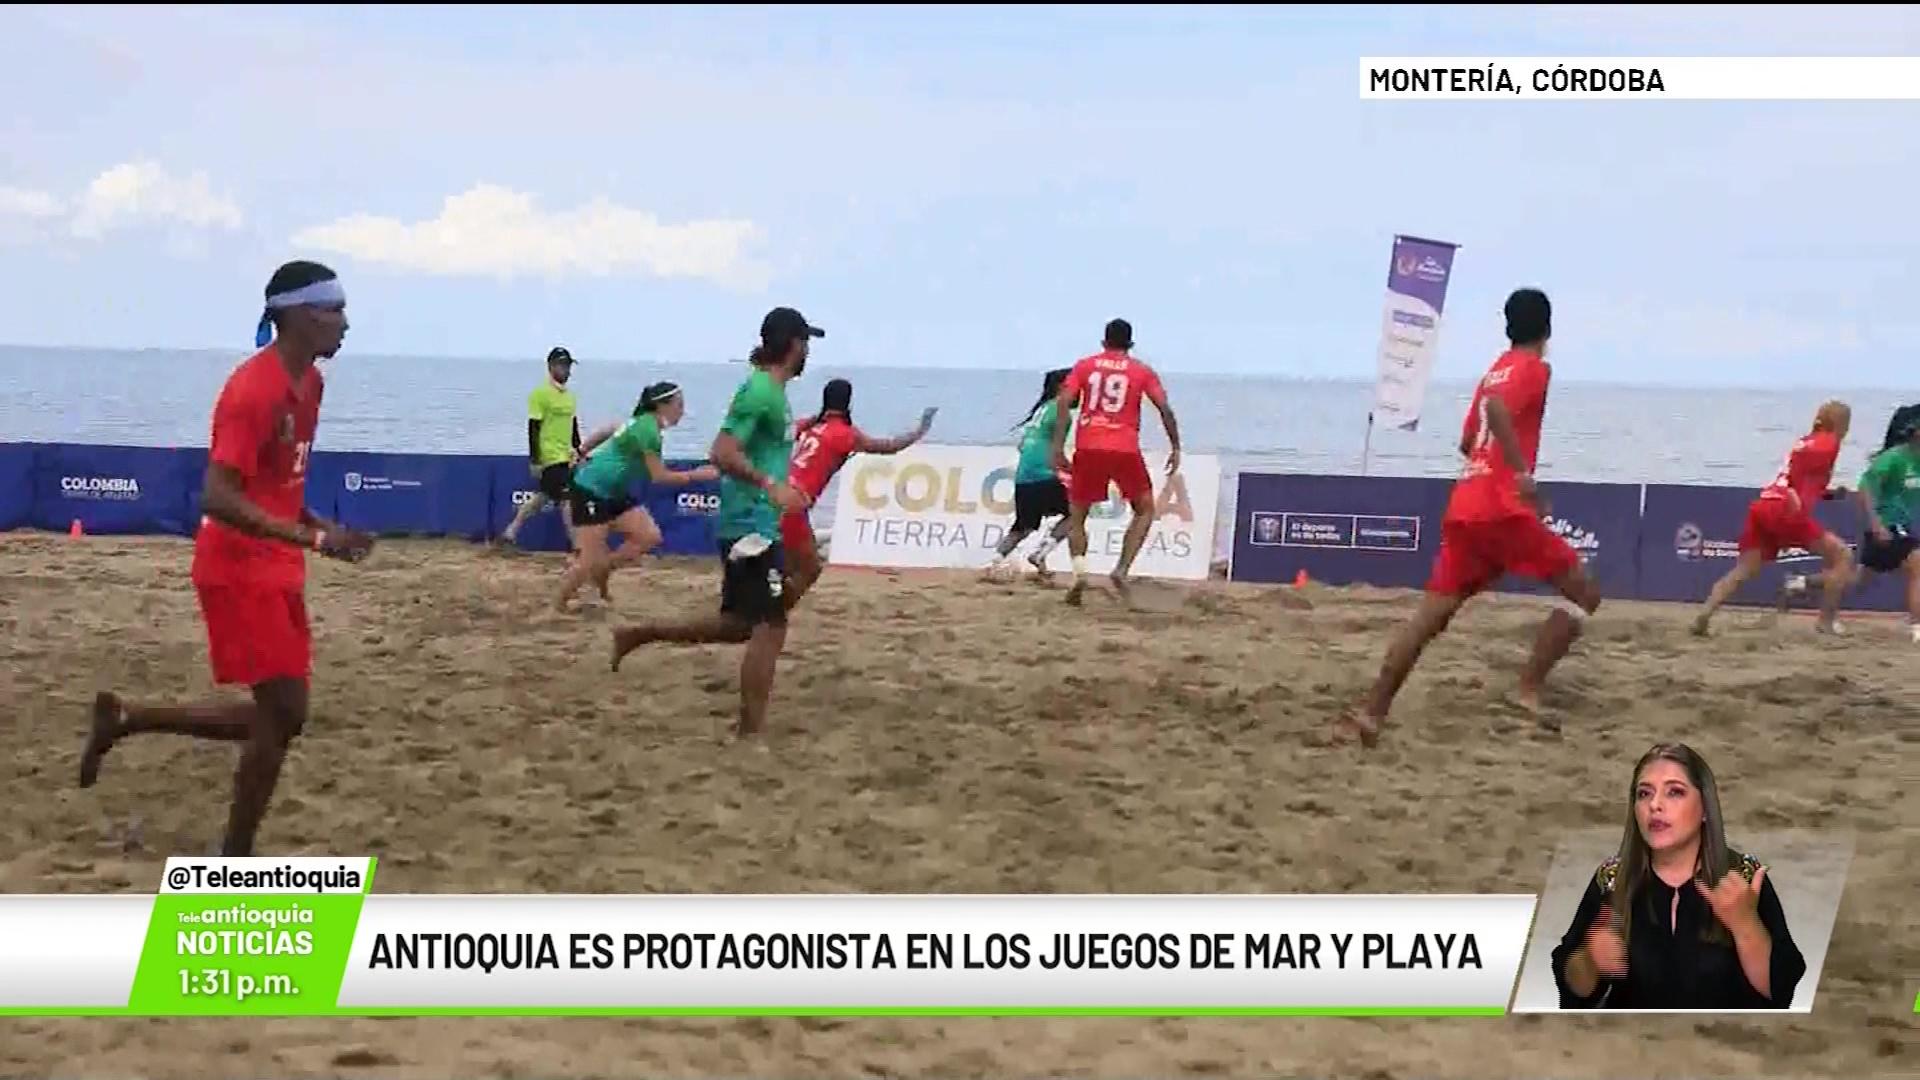 Antioquia es protagonista en los juegos de mar y playa